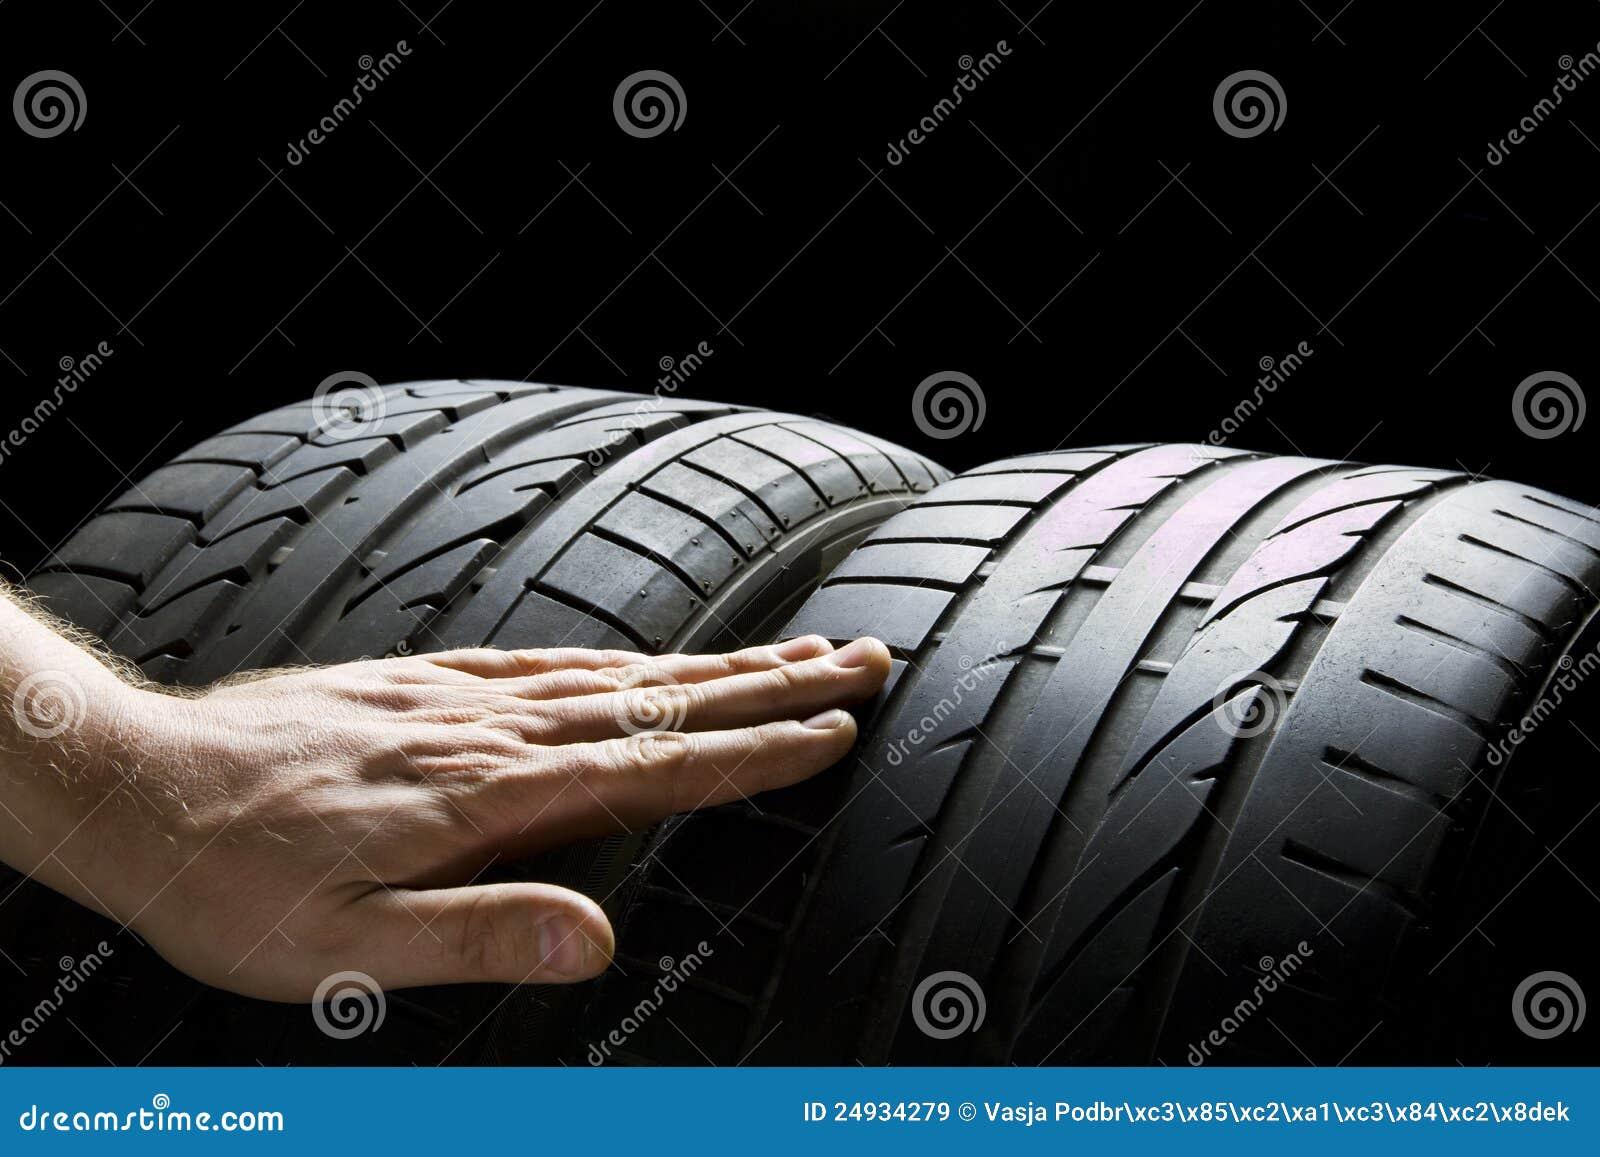 Controle los neumáticos